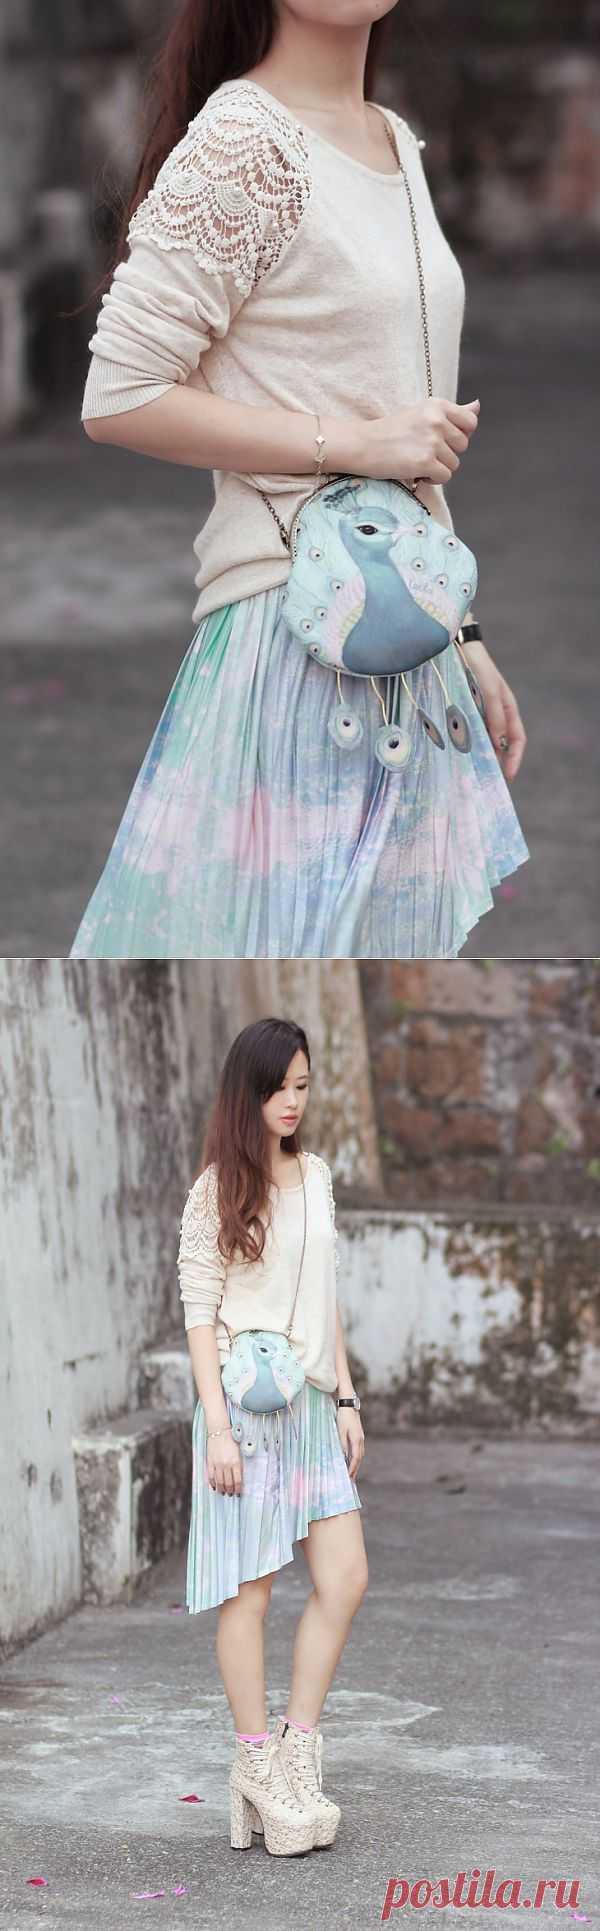 Вкусный образ от Mayo Wo / Сумки, клатчи, чемоданы / Модный сайт о стильной переделке одежды и интерьера